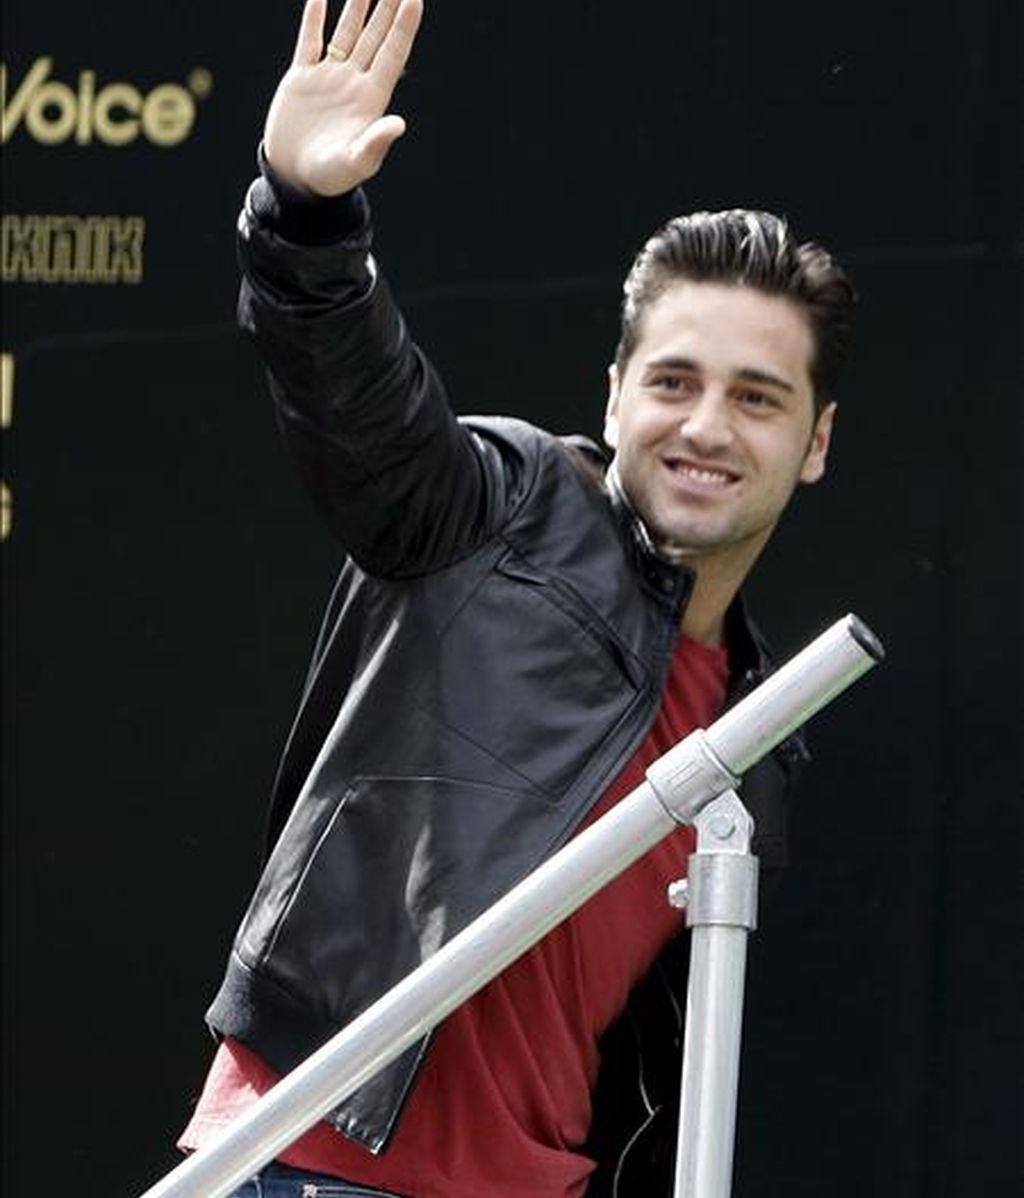 El cantante cántabro David Bustamante. EFE/Archivo